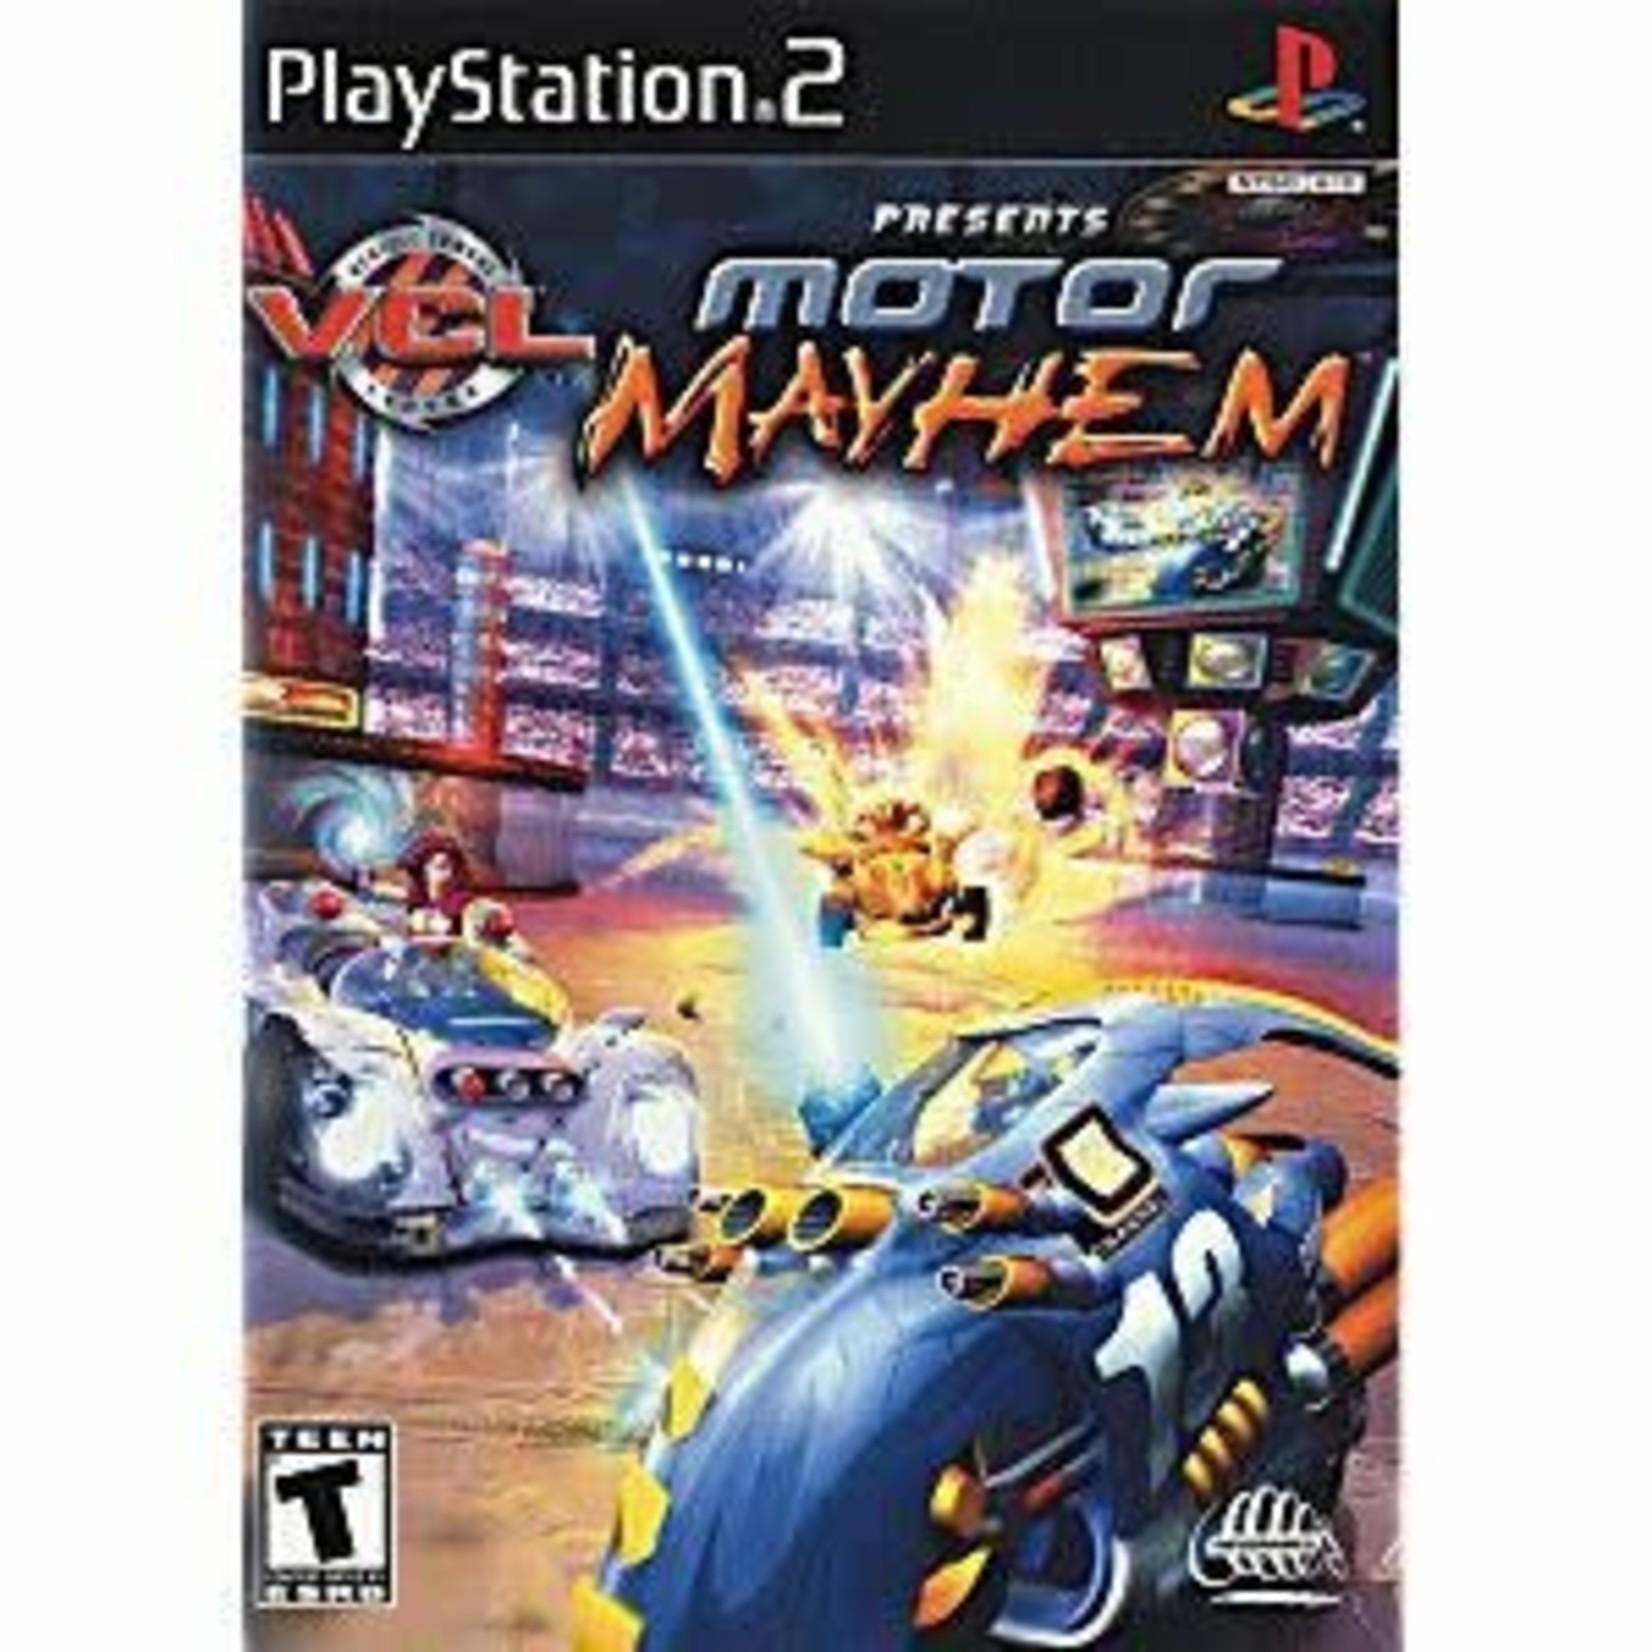 PS2u-MOTOR MAYHEM